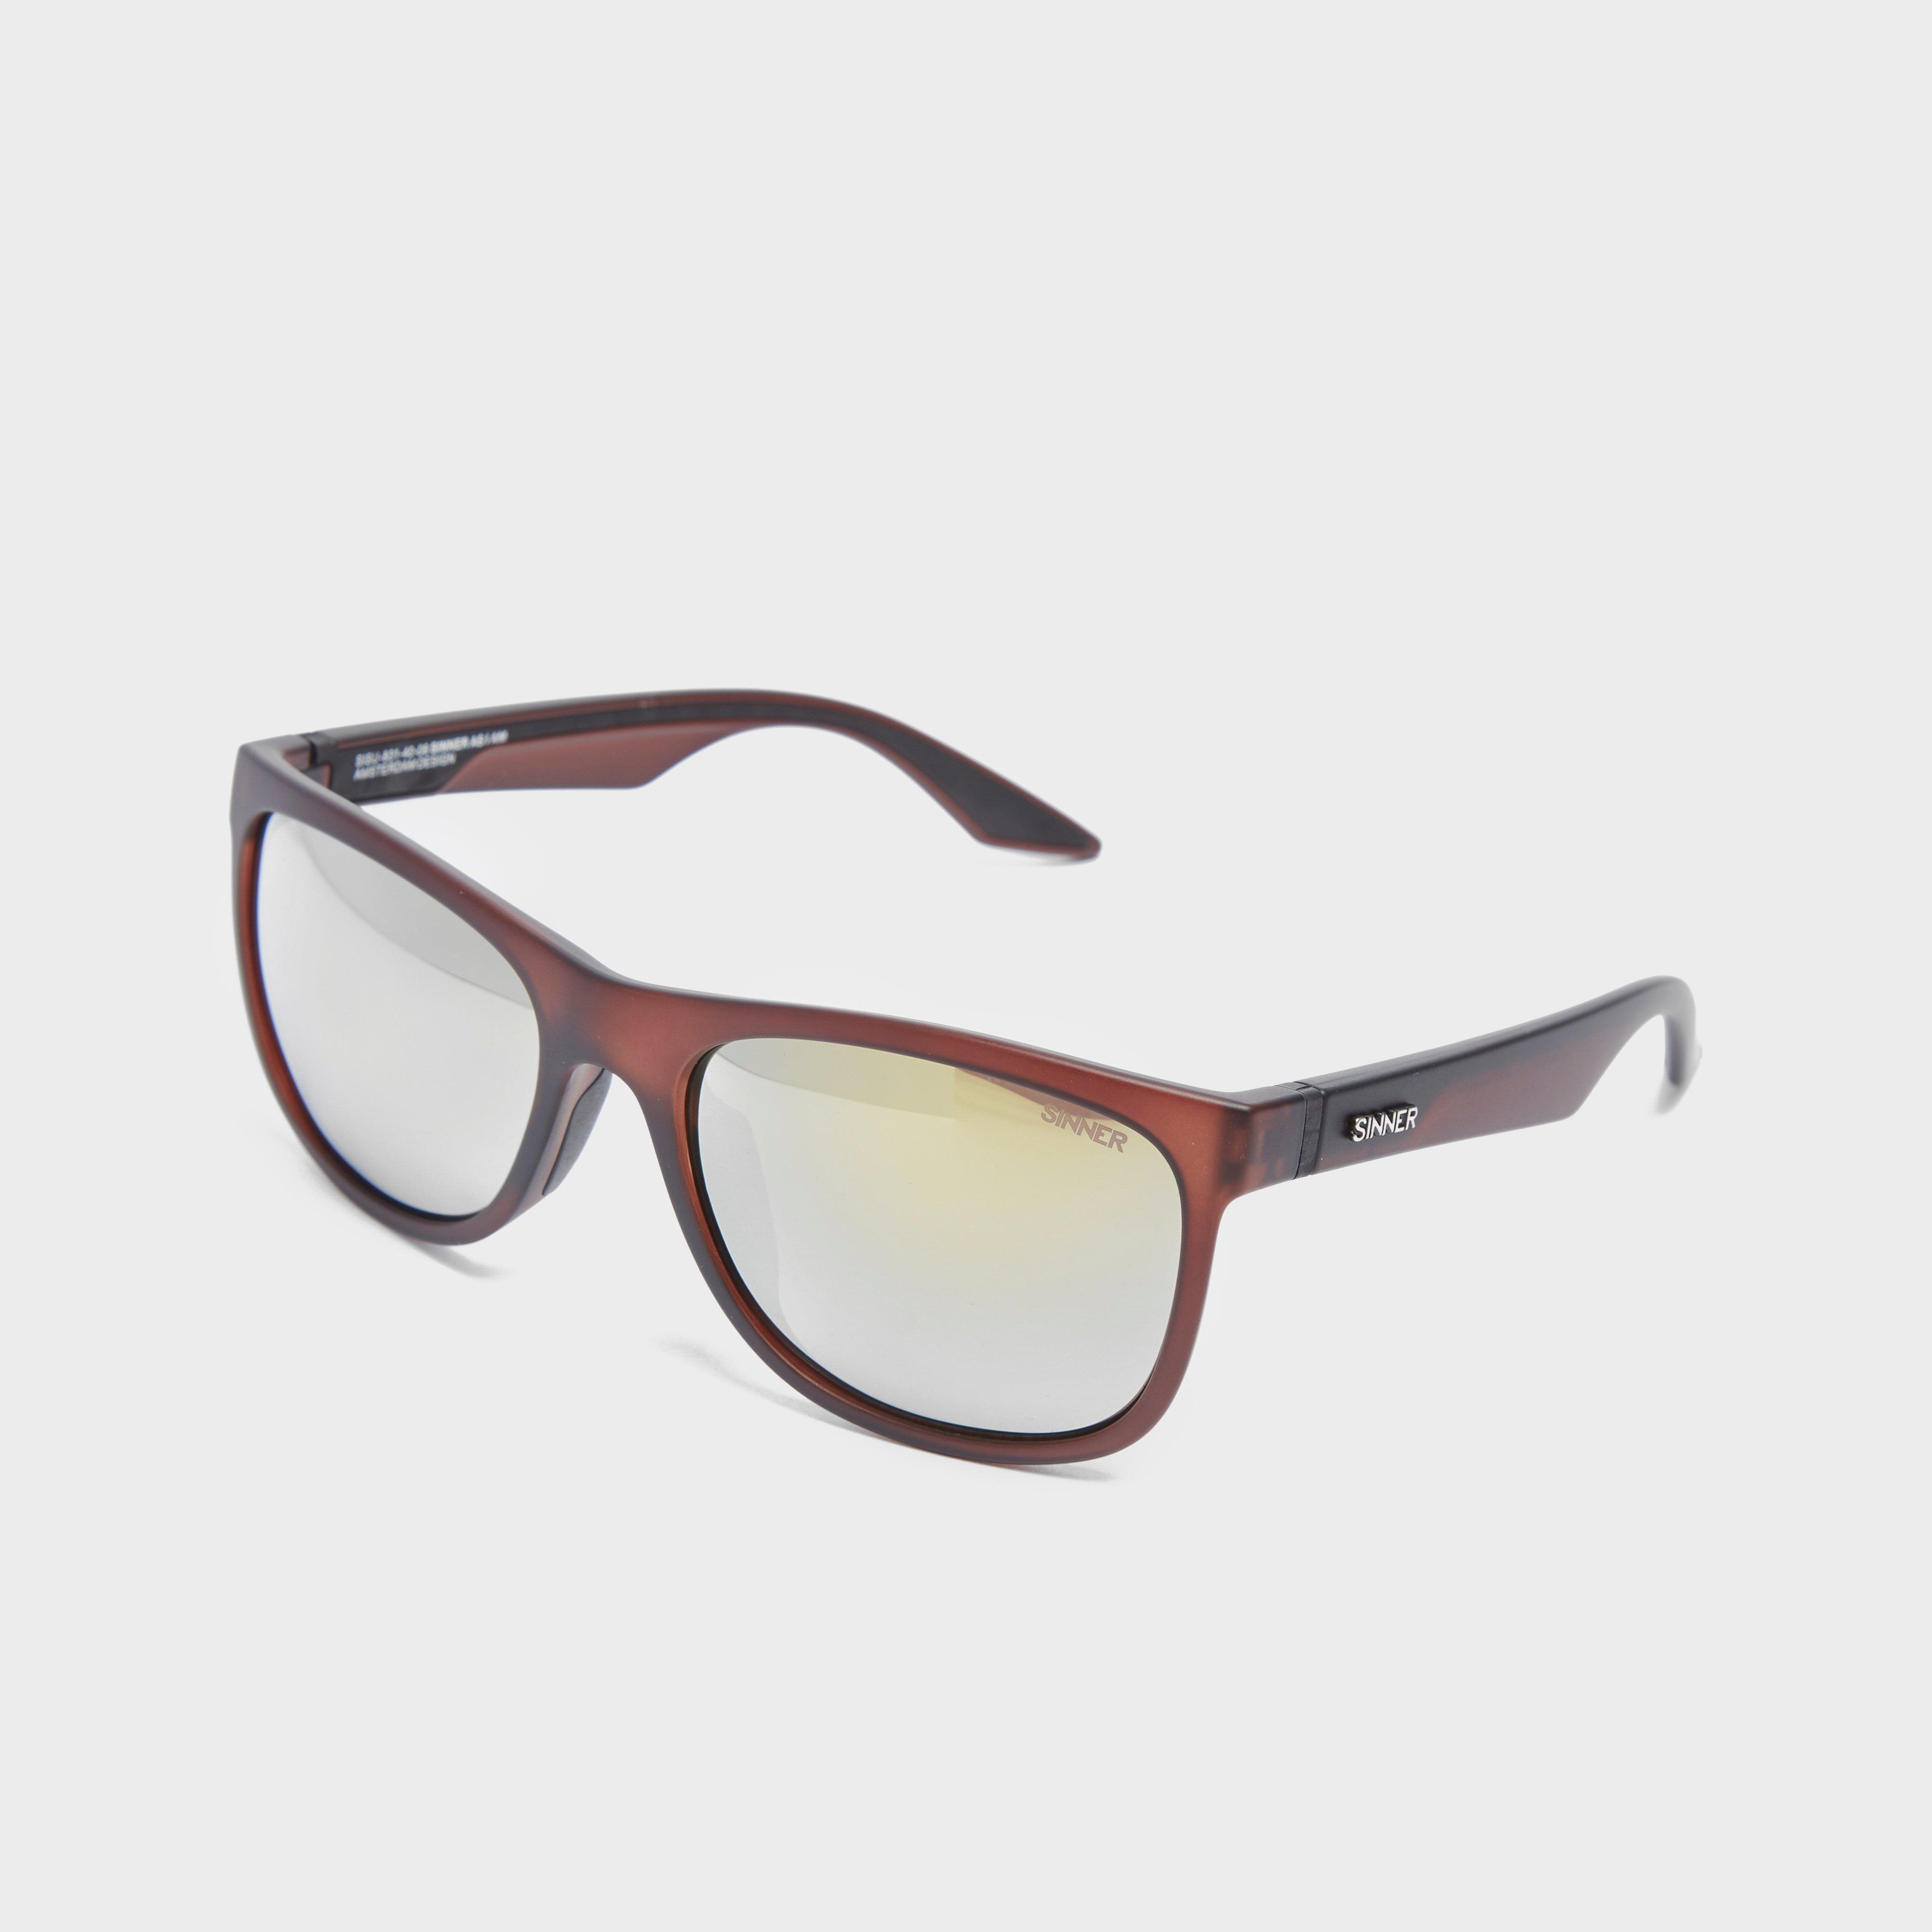 Sinner Sinner Rockford Sunglasses, Brown